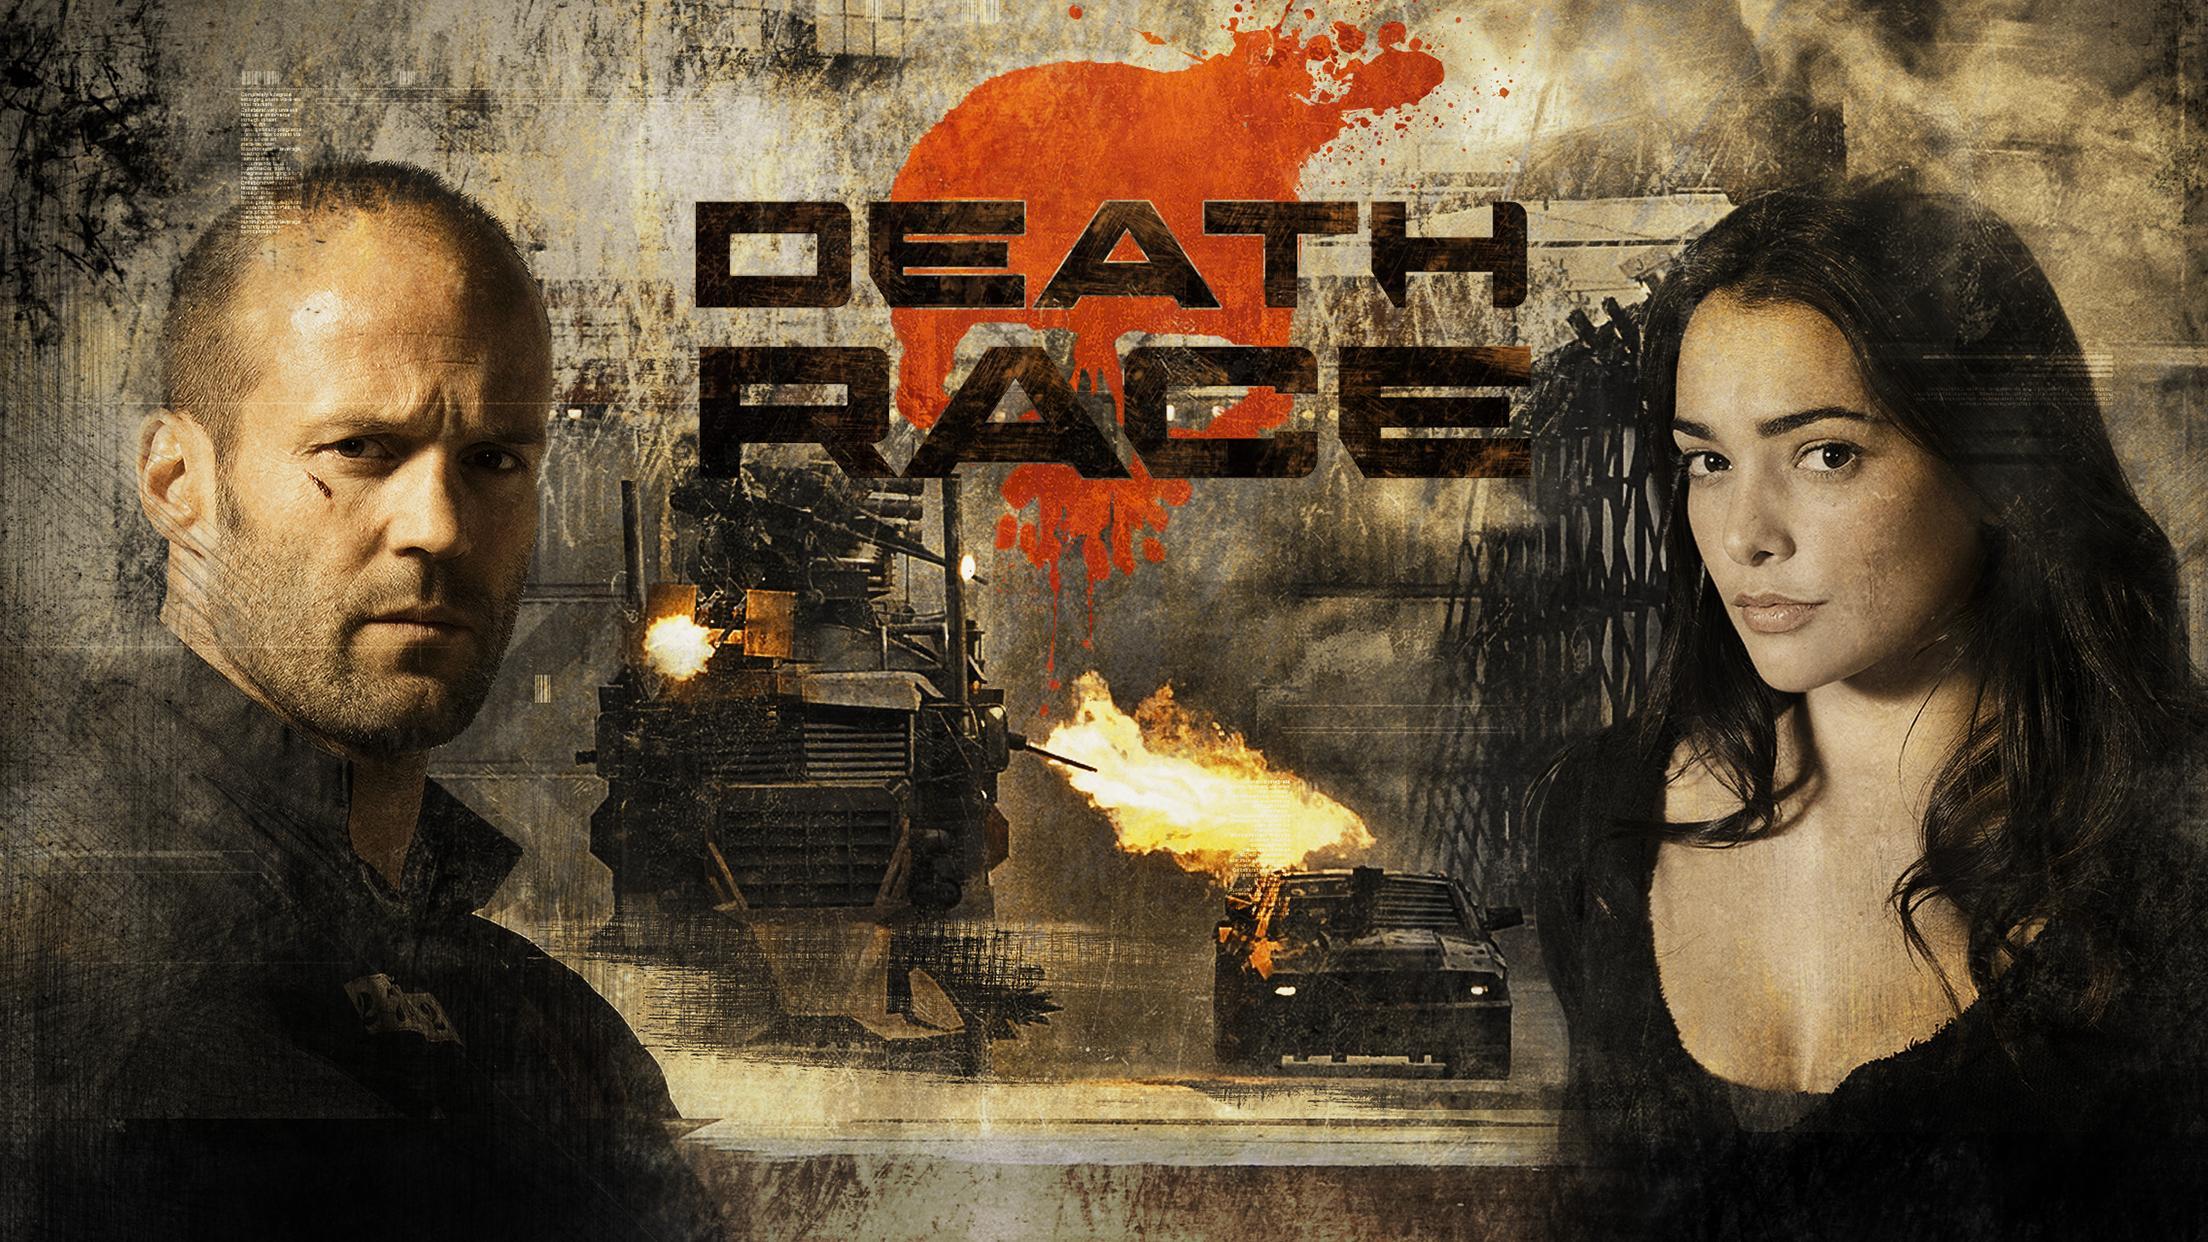 La carrera de la muerte es una de las películas de carros más emocionantes